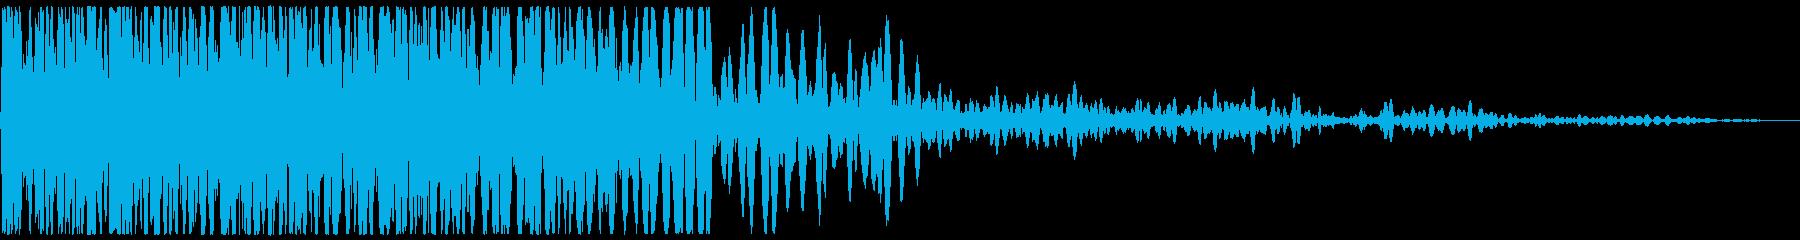 ドカーン(爆発音と煙)の再生済みの波形